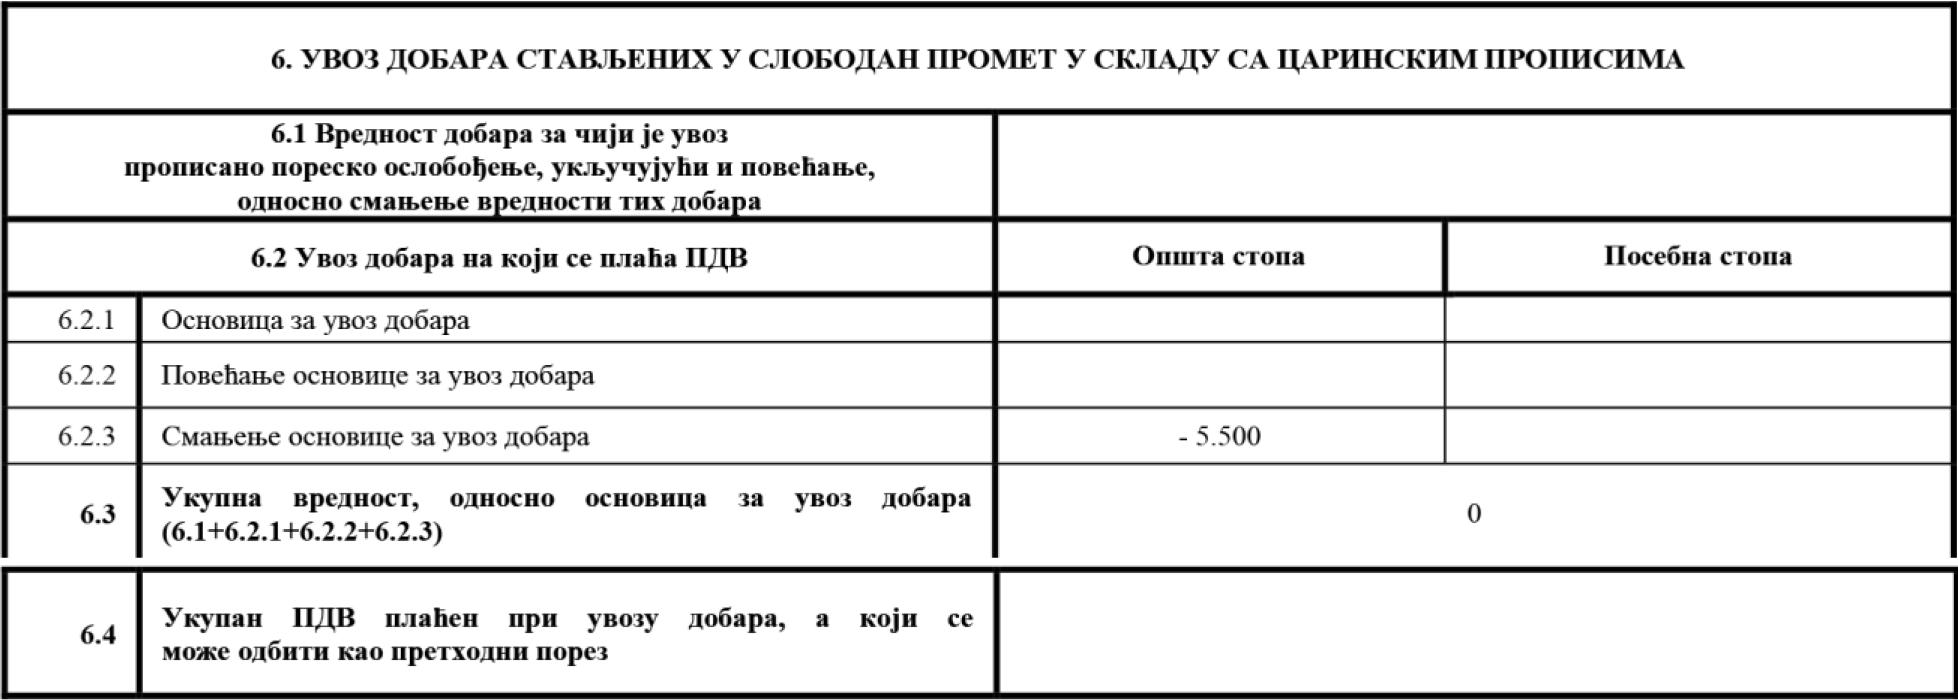 uputstvo PU obrazac POPDV primer 82 - 1.1